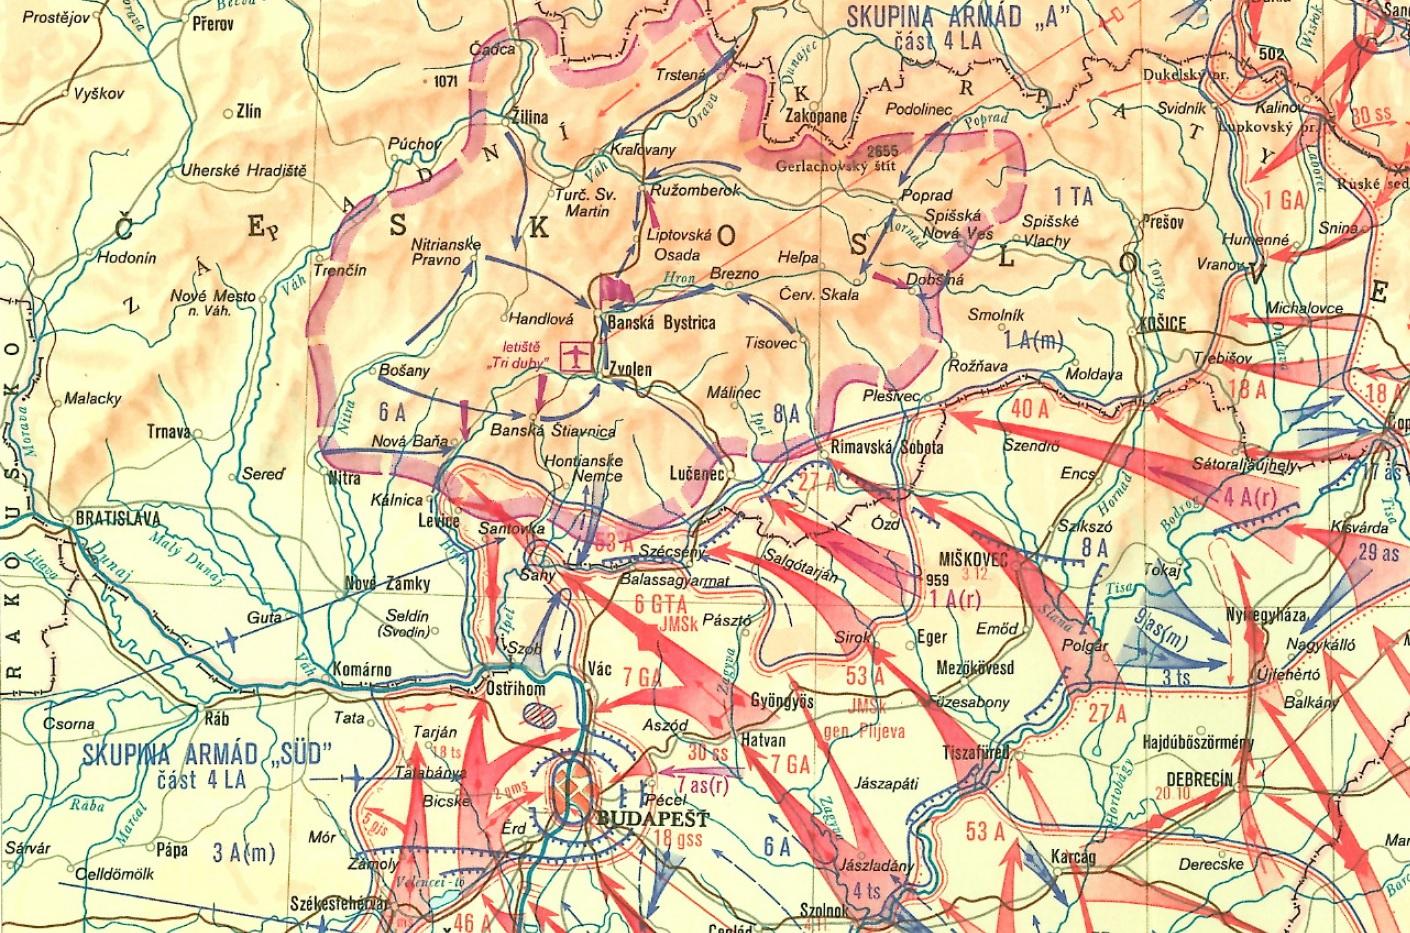 Mapa bojov na južnom Slovensku v rámci Budapeštianskej operácie